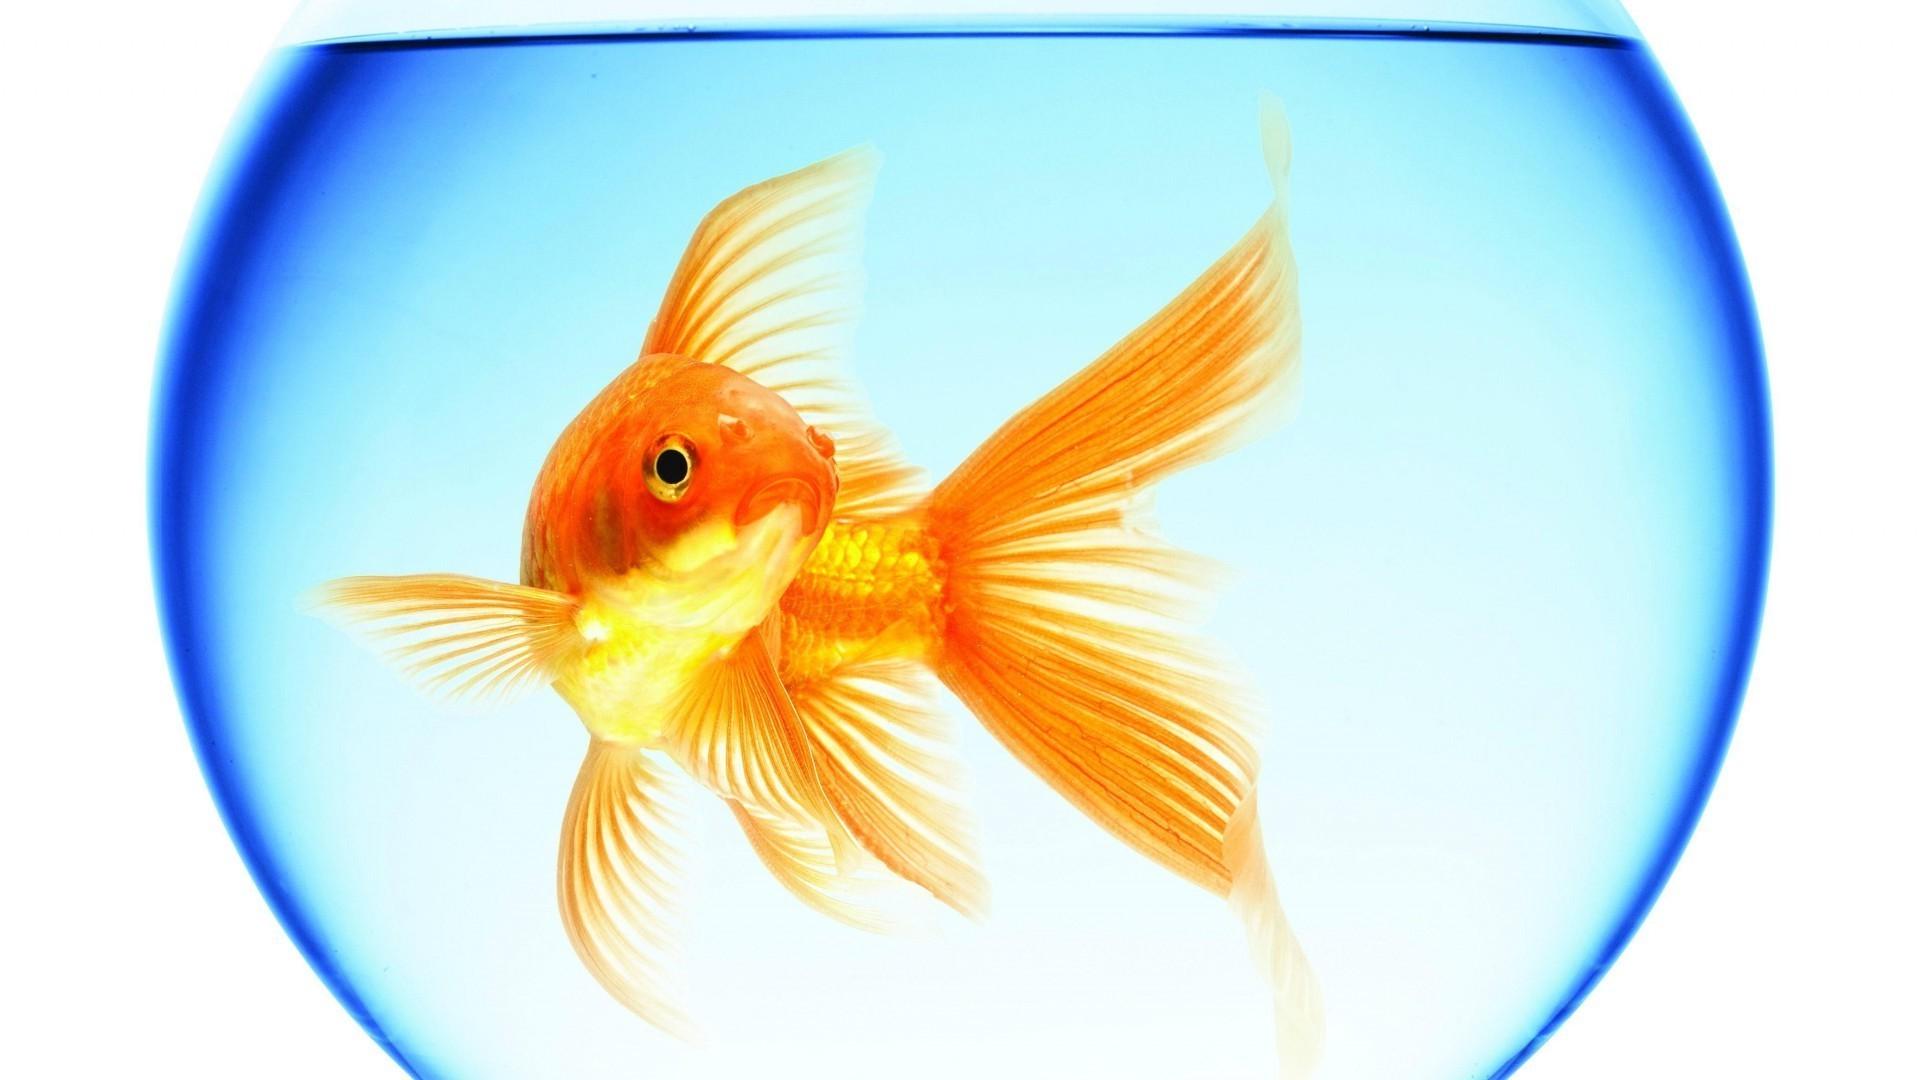 Обои Аквариум, рыбка. Животные foto 13